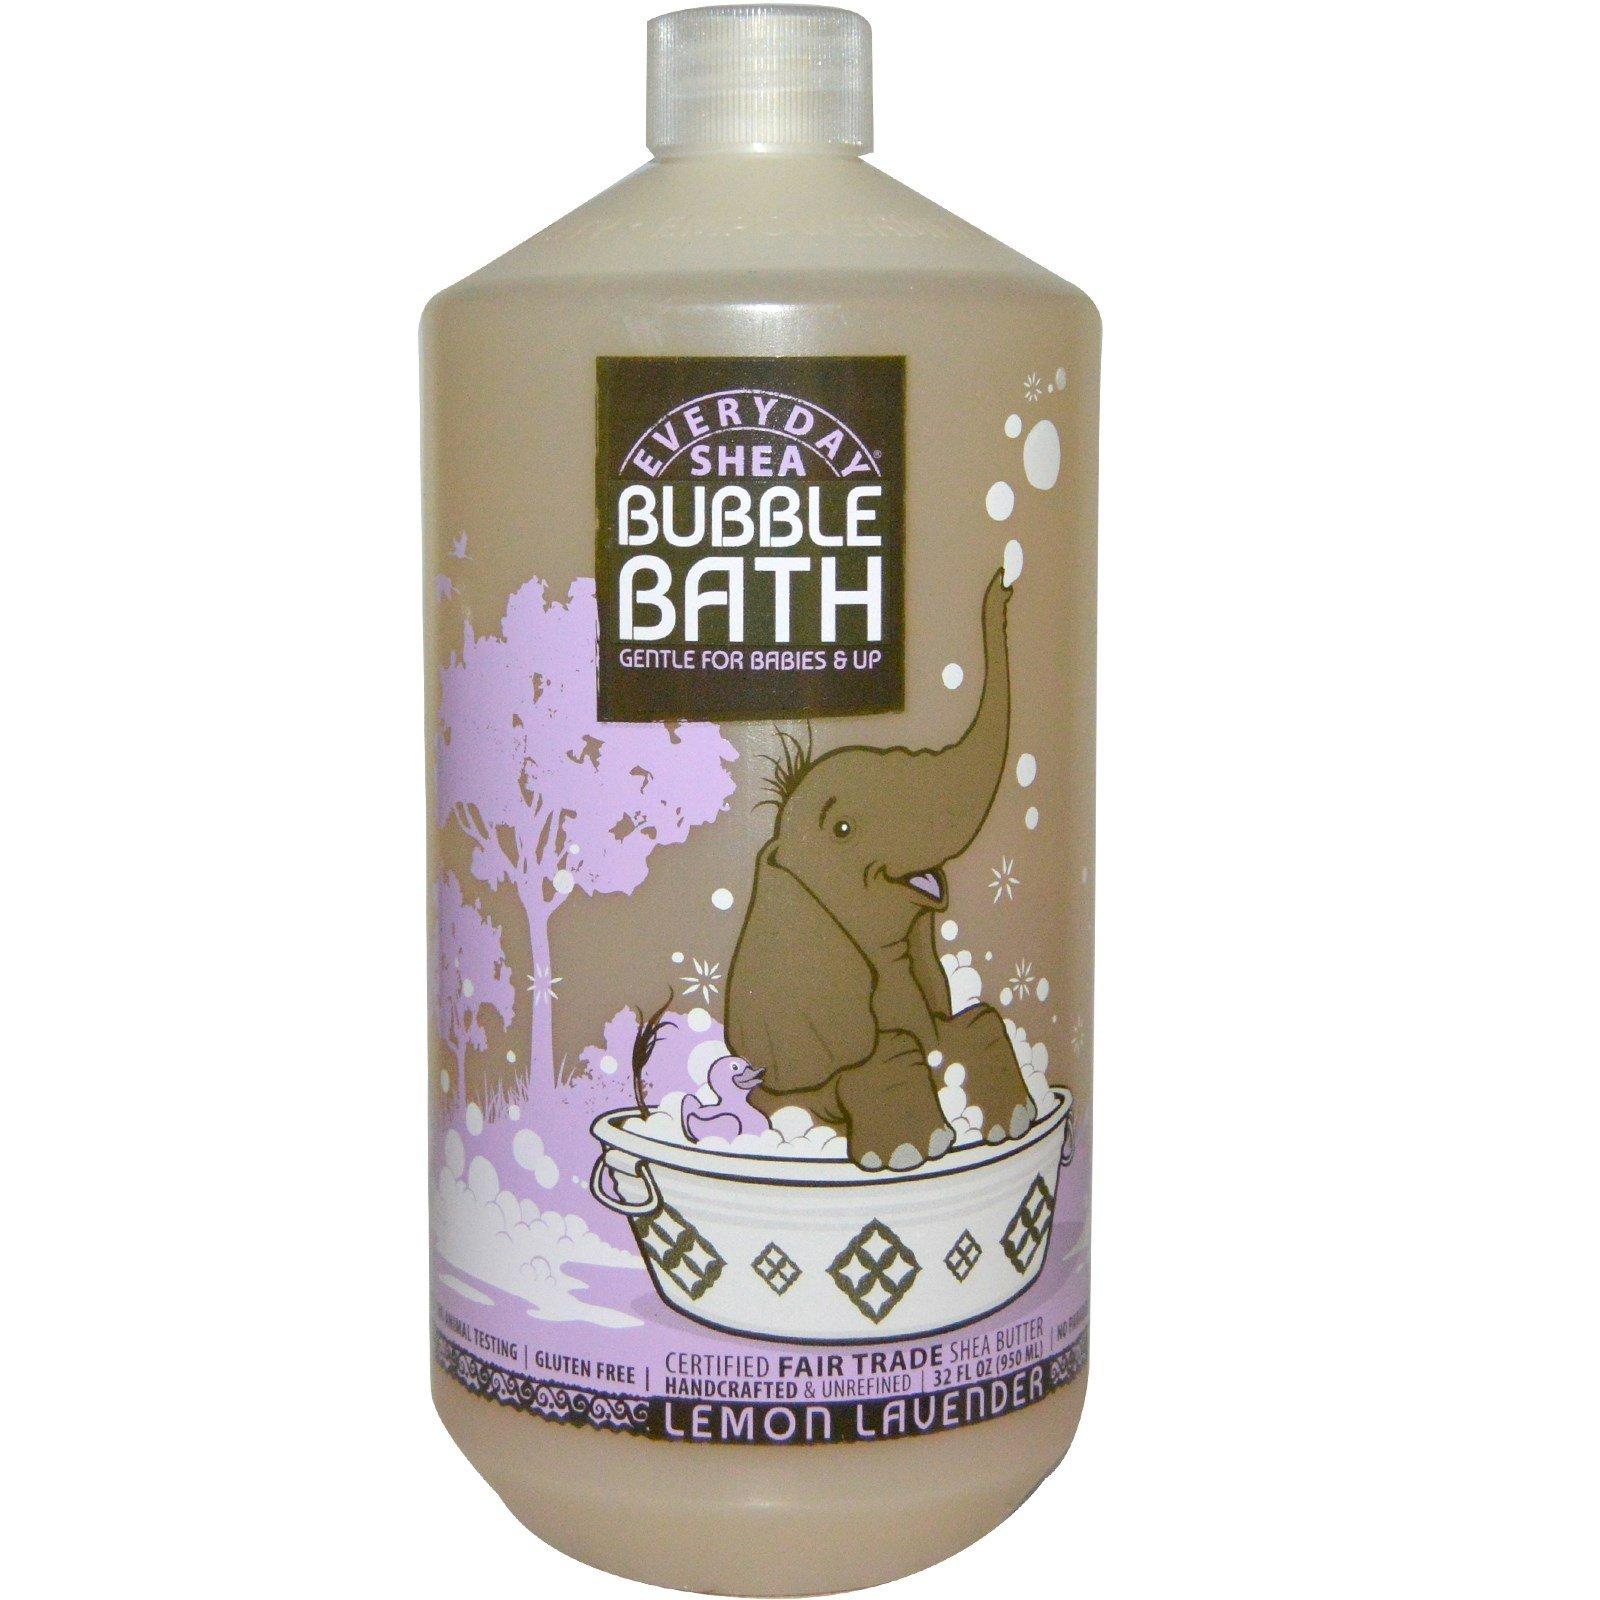 Everyday Shea, Bubble Bath, Gentle for Babies & Up, Lemon-Lavender, 32 fl oz (950 ml) - 2pc